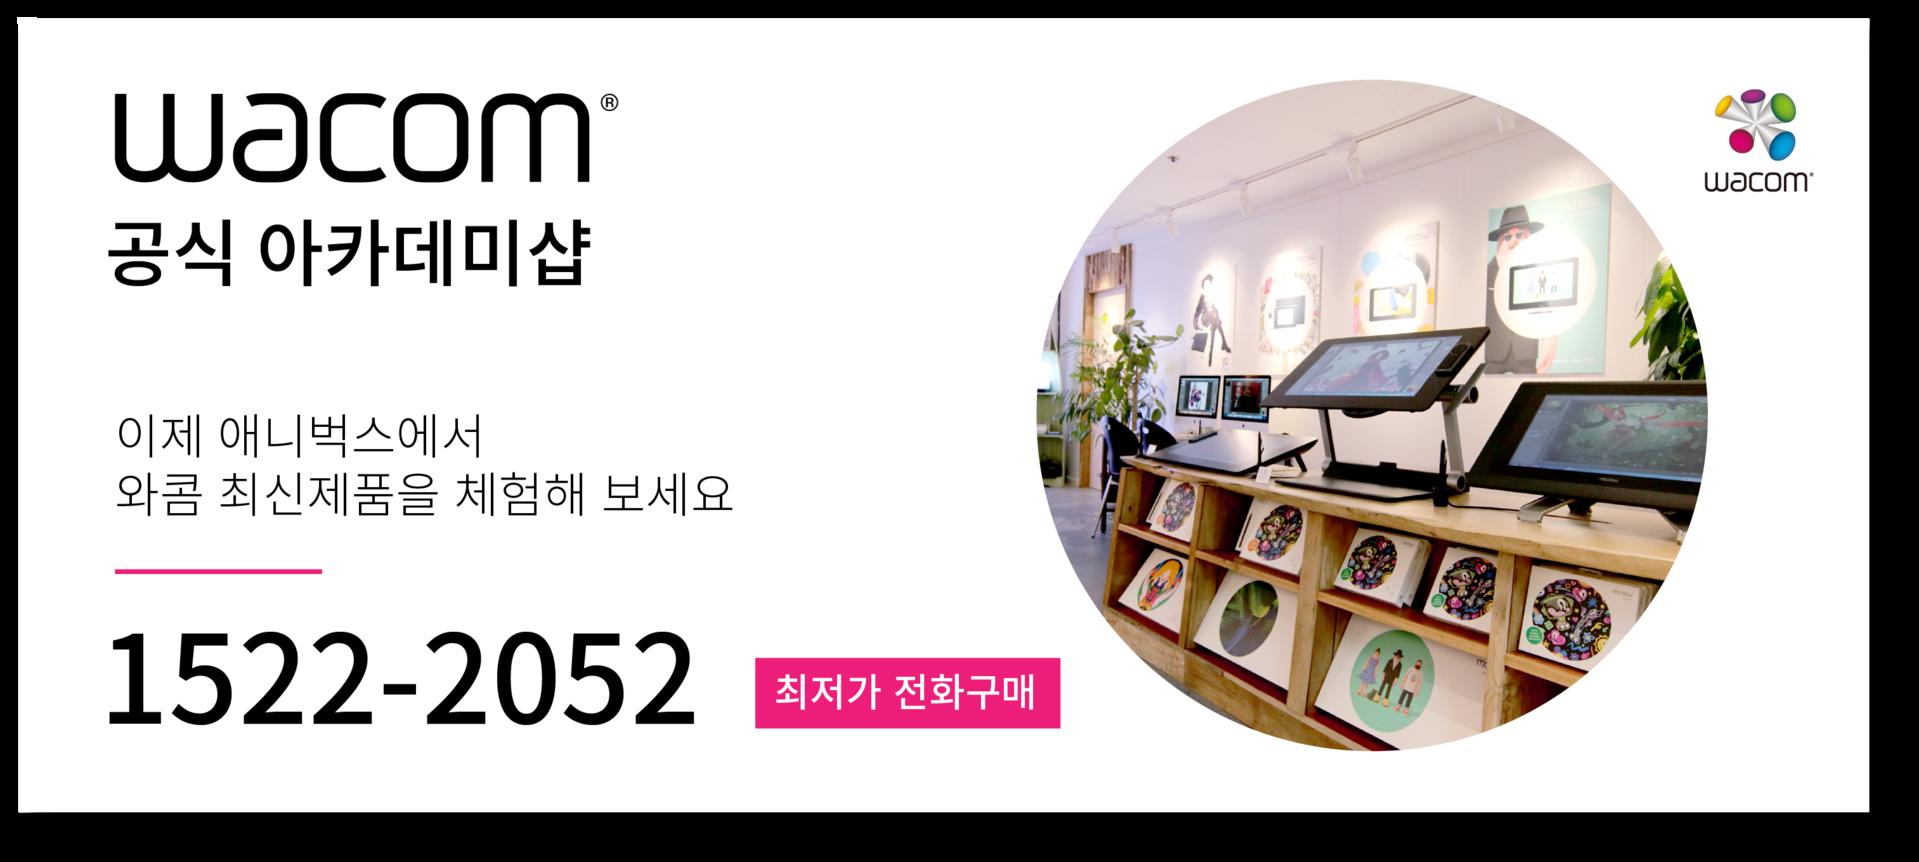 애니벅스 와콤 아카데미샵 전 품목 할인 혜택 지원